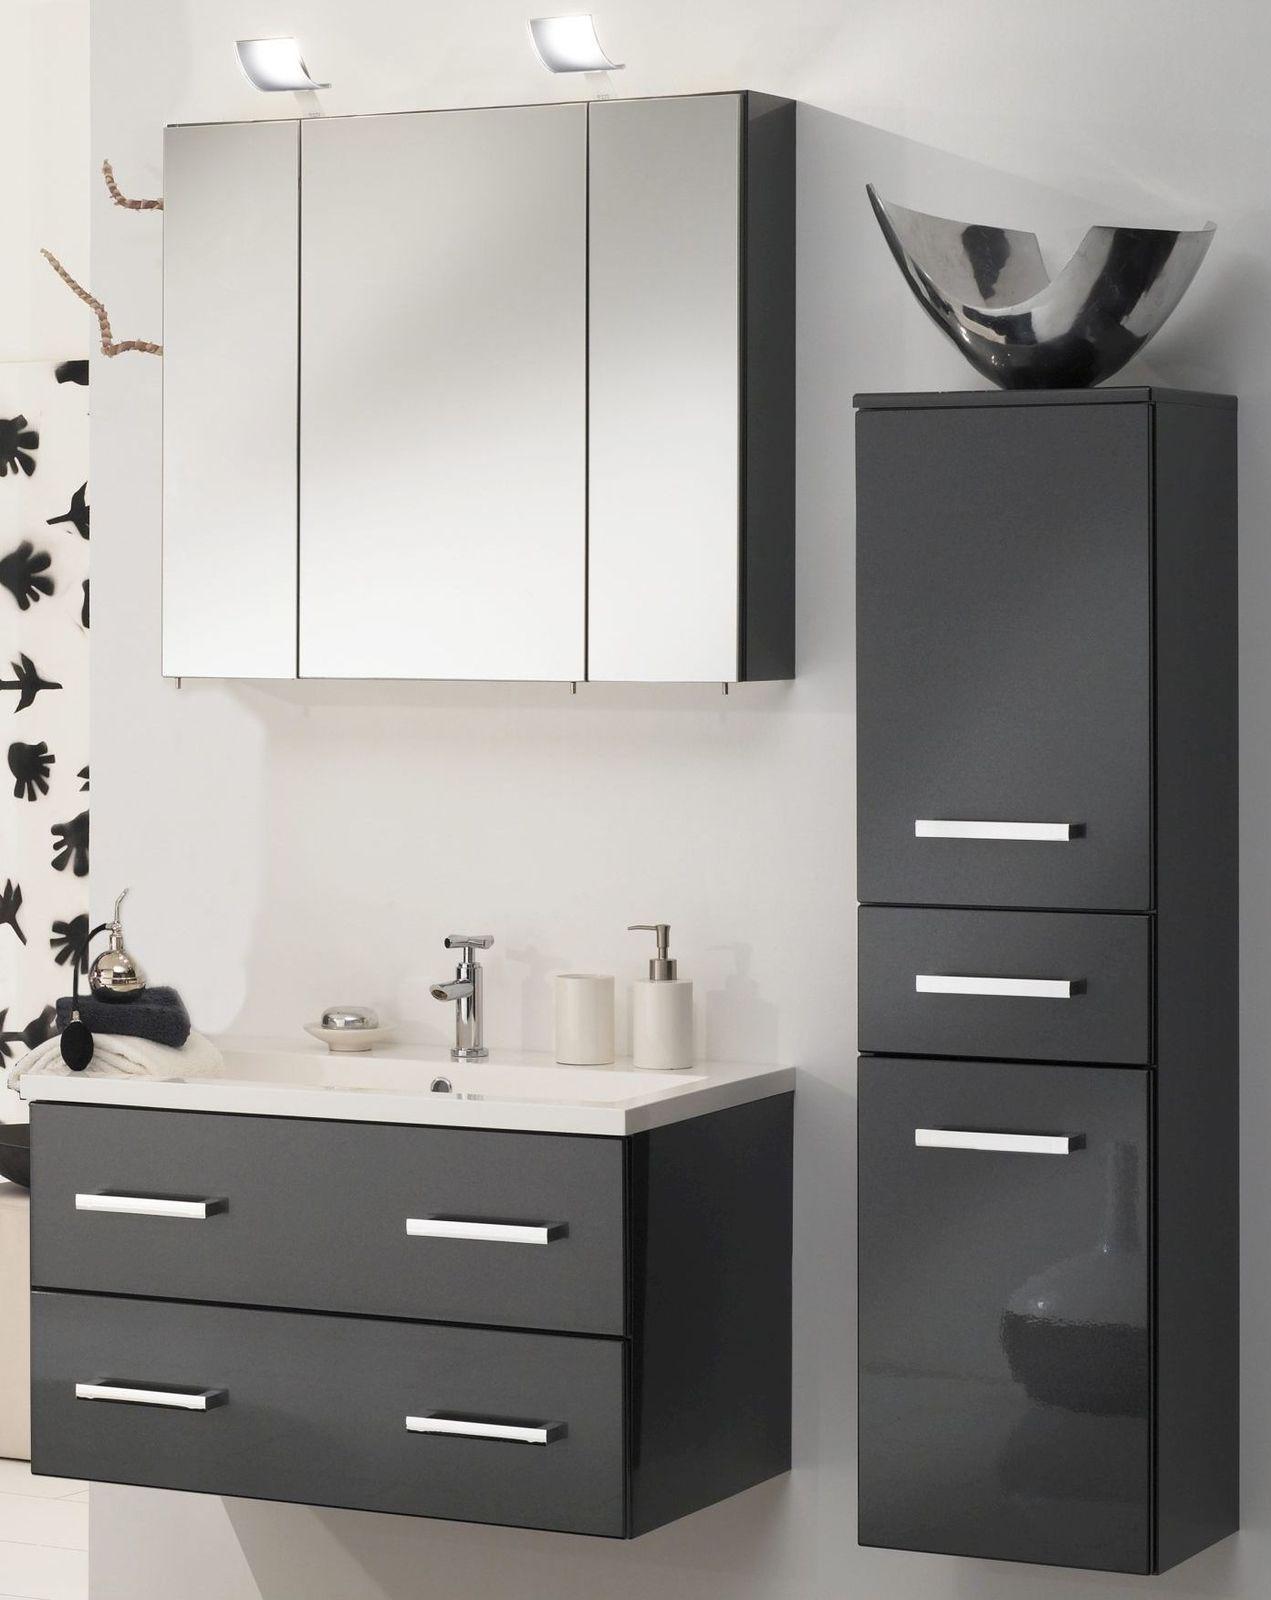 badmbel set schwarz affordable badmobel schwarz cm badmbel set schwarz weiss hochglanz led. Black Bedroom Furniture Sets. Home Design Ideas